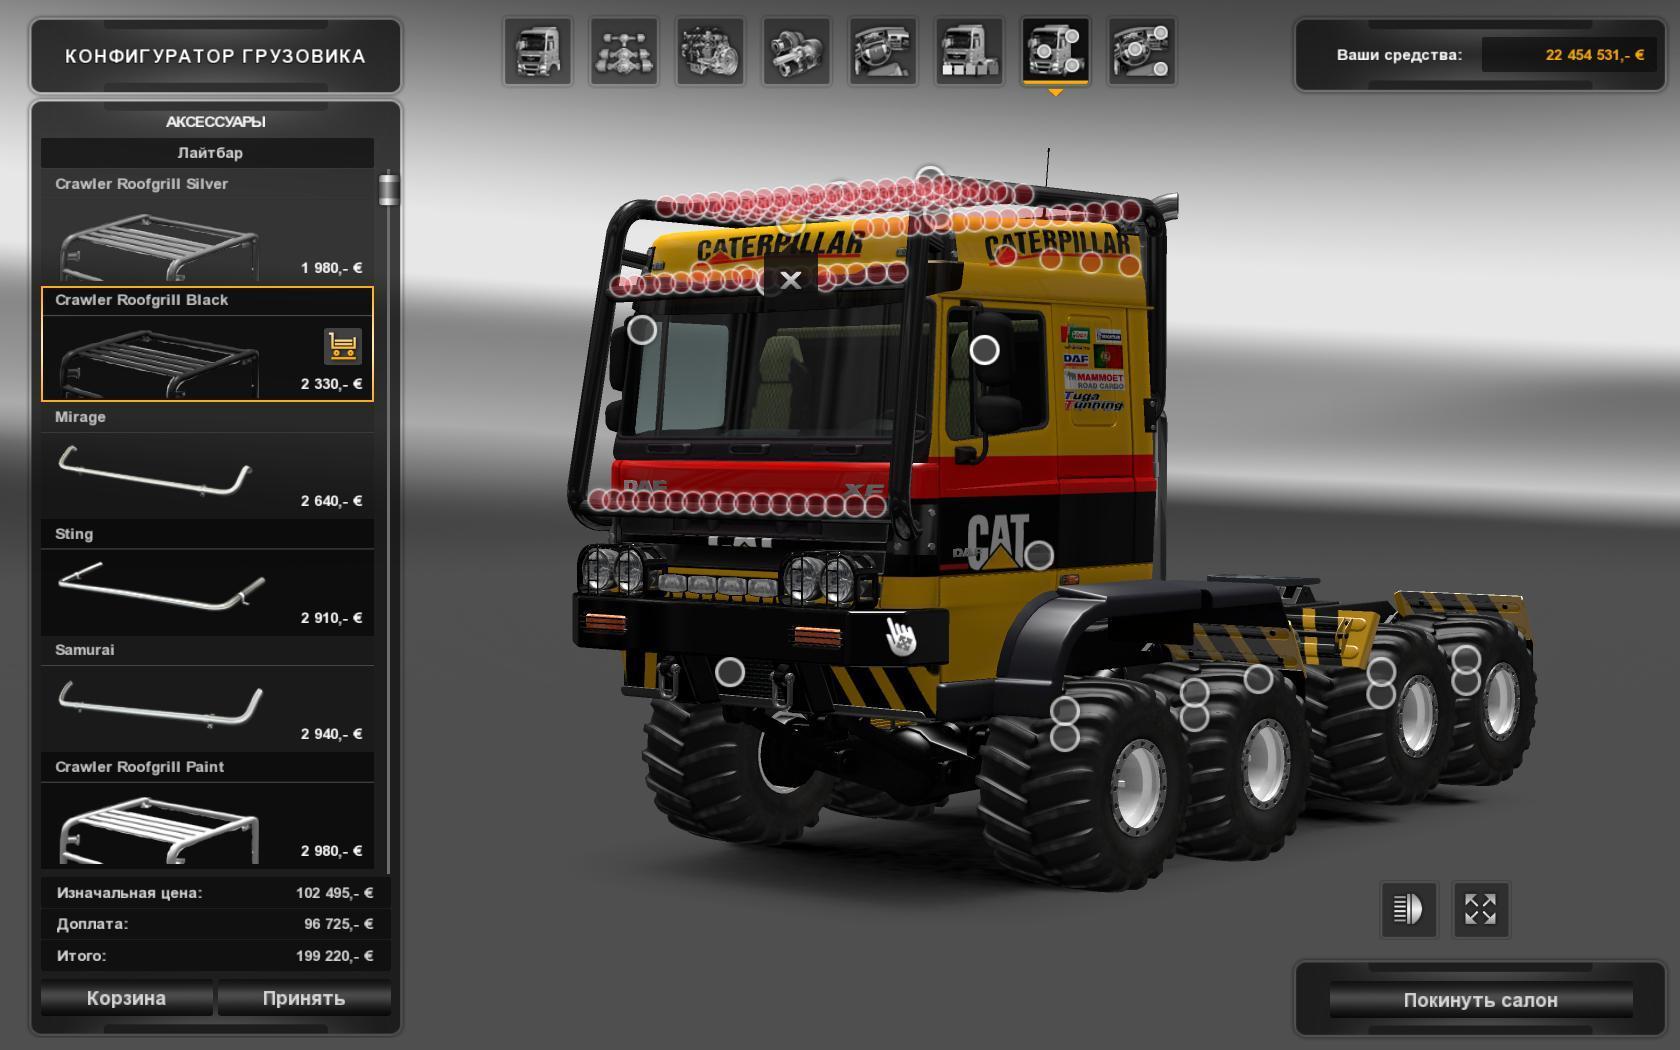 V8 illegal reworked truck v5 0 simulator games mods download - Daf Crawler For 1 23 1 24 Truck